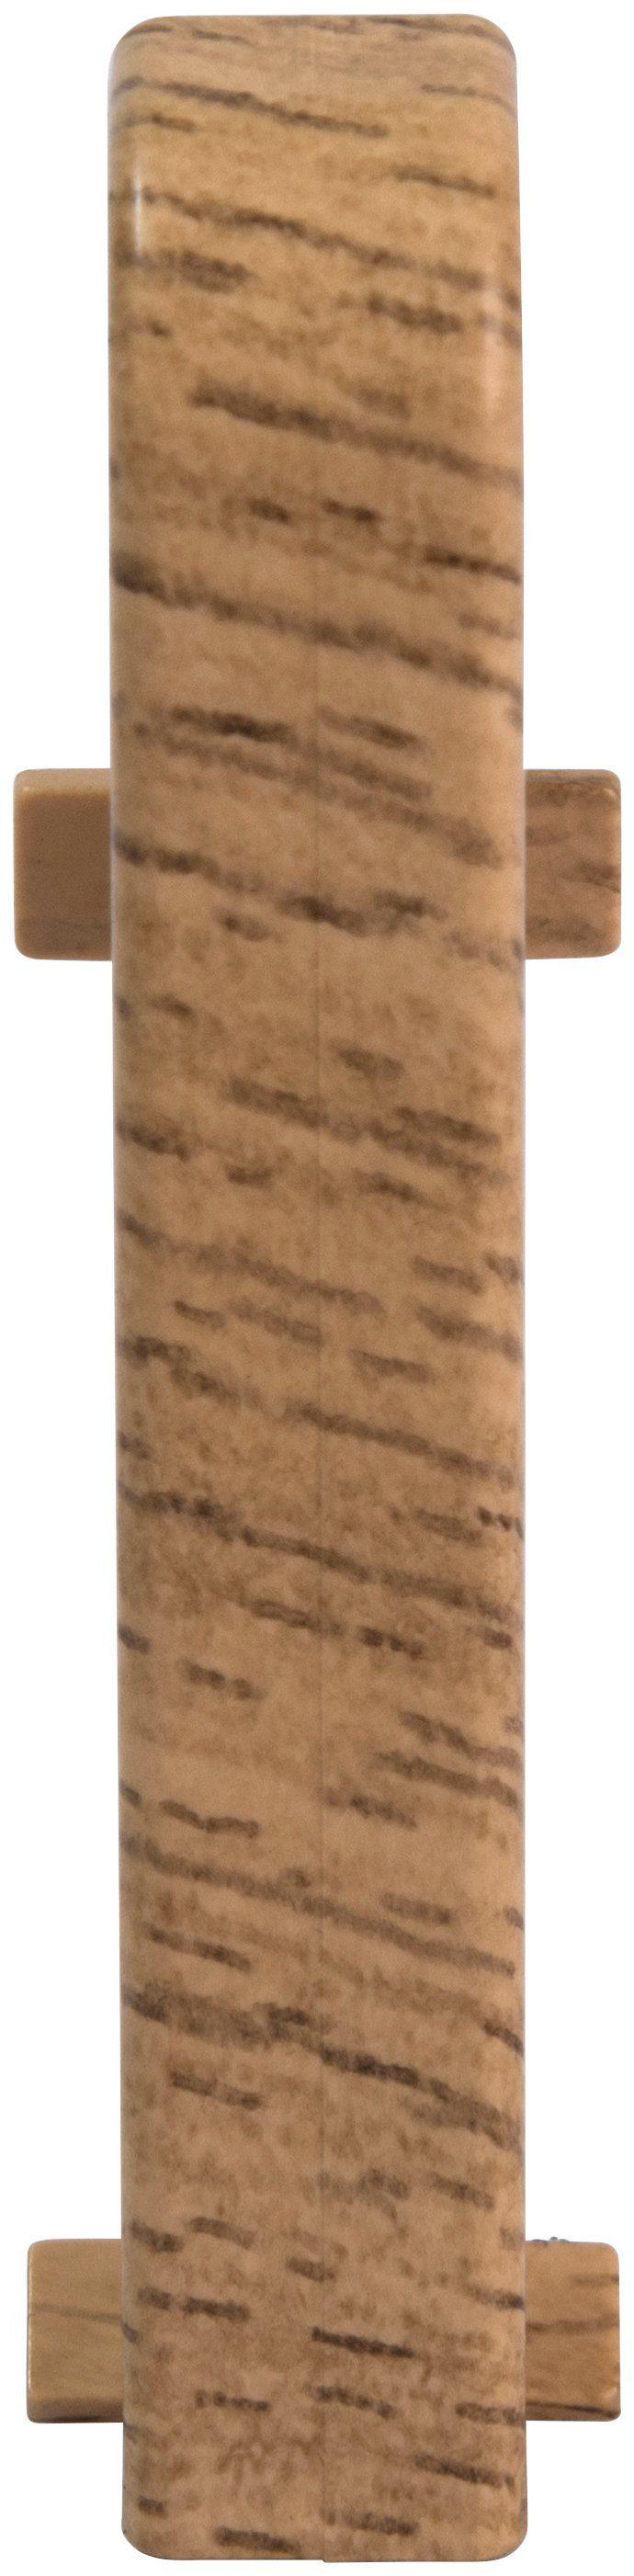 EGGER Zwischenstücke »Eiche rotbraun«, für 6cm EGGER Sockelleiste